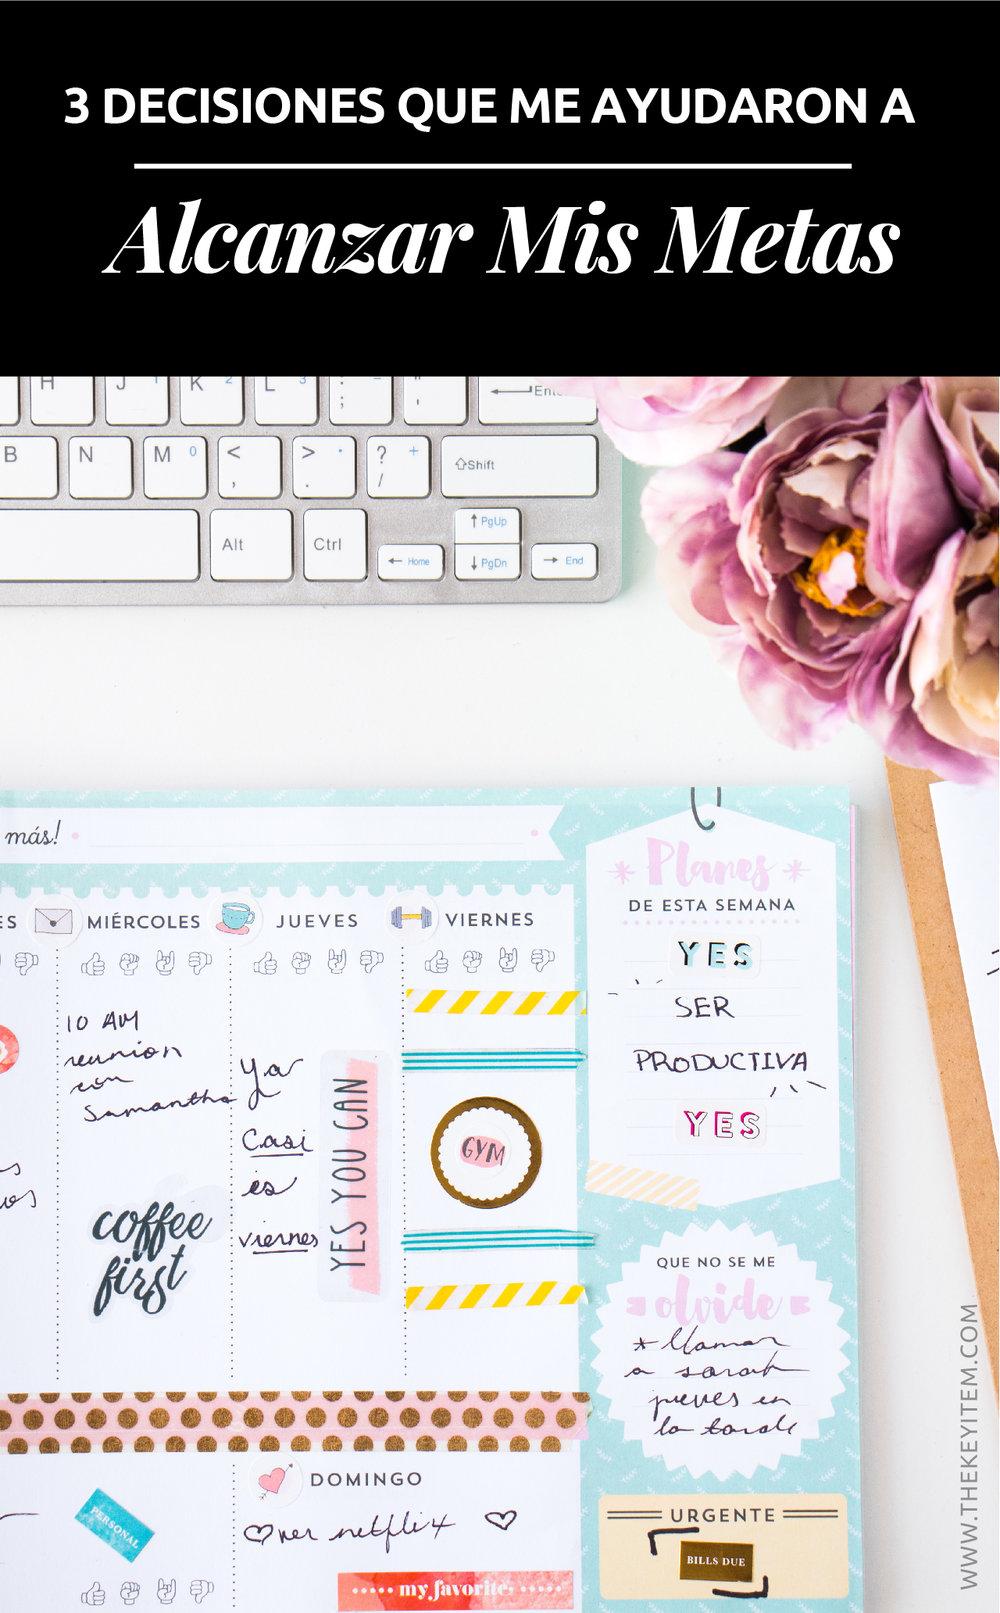 productividad-alcanzar-mis-metas-_blogpost-layout